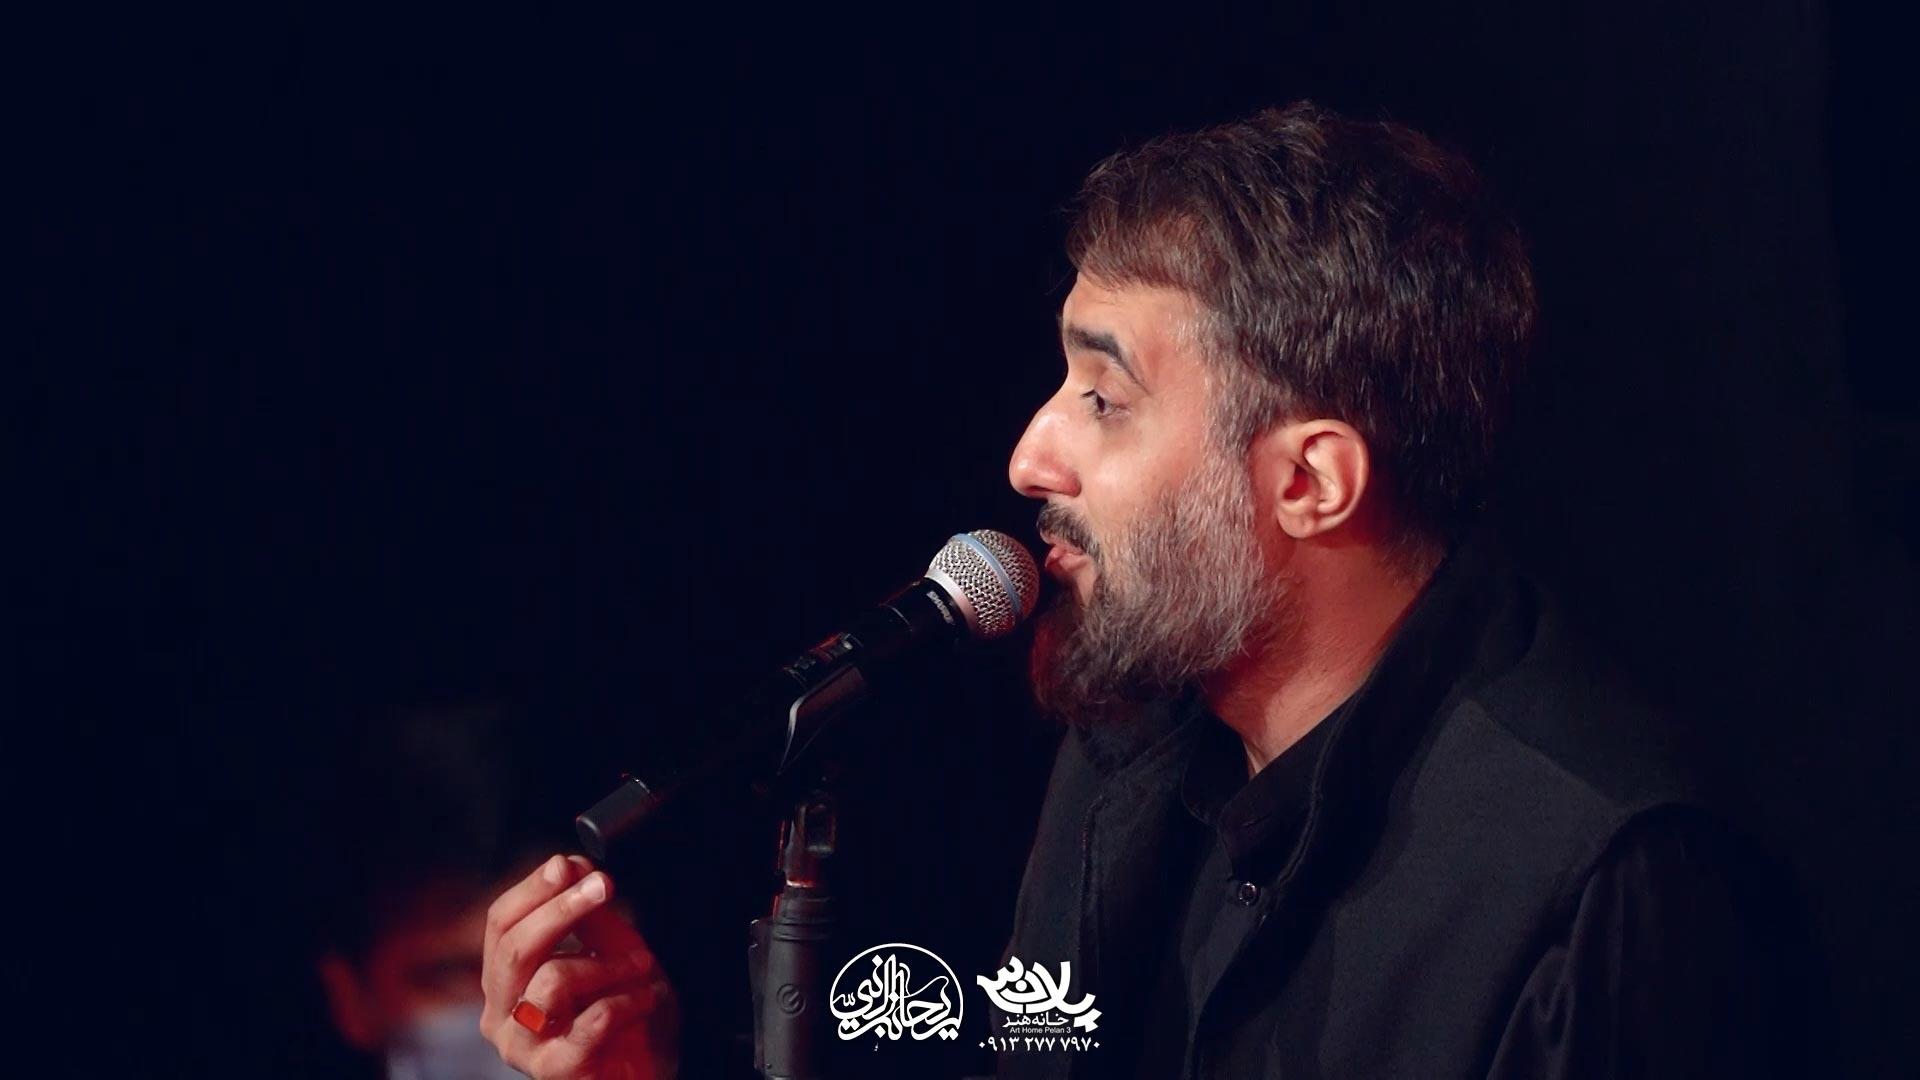 مصیبت زینب محمدحسین پویانفر